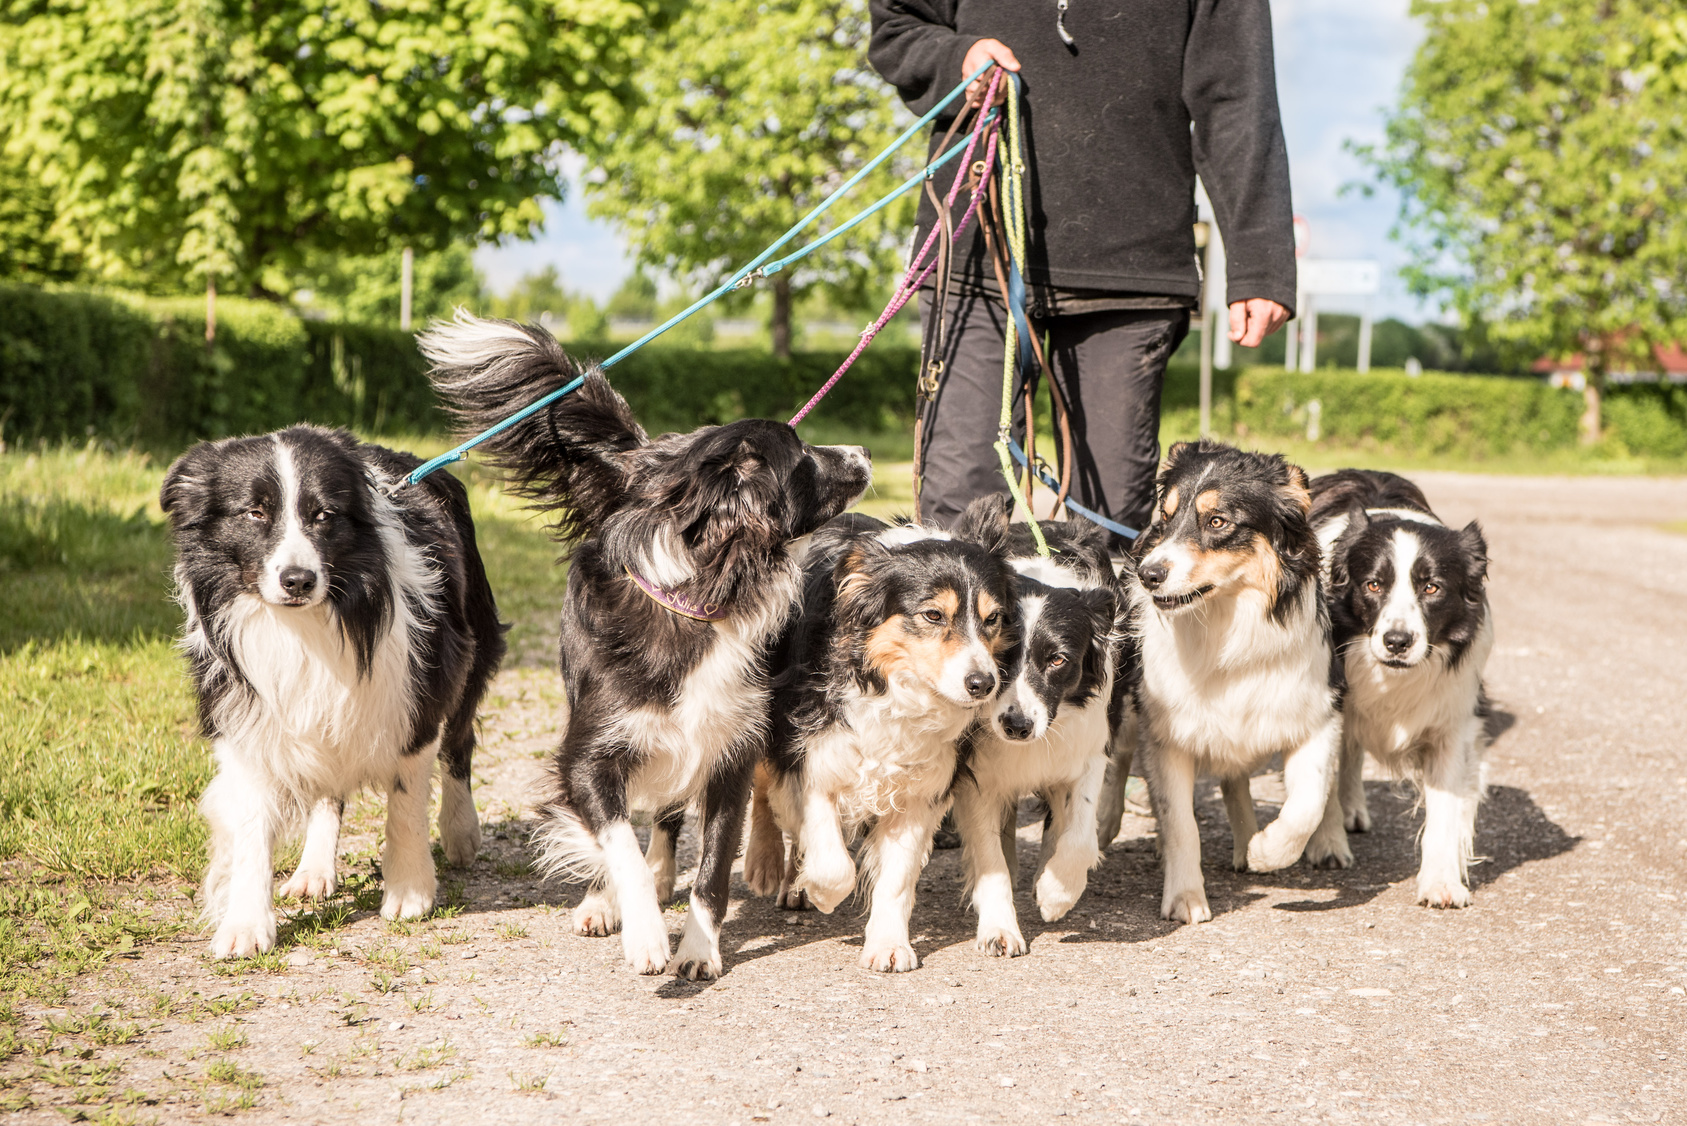 コミュニケーション能力が高い「多頭飼い」に向いている犬種とは?